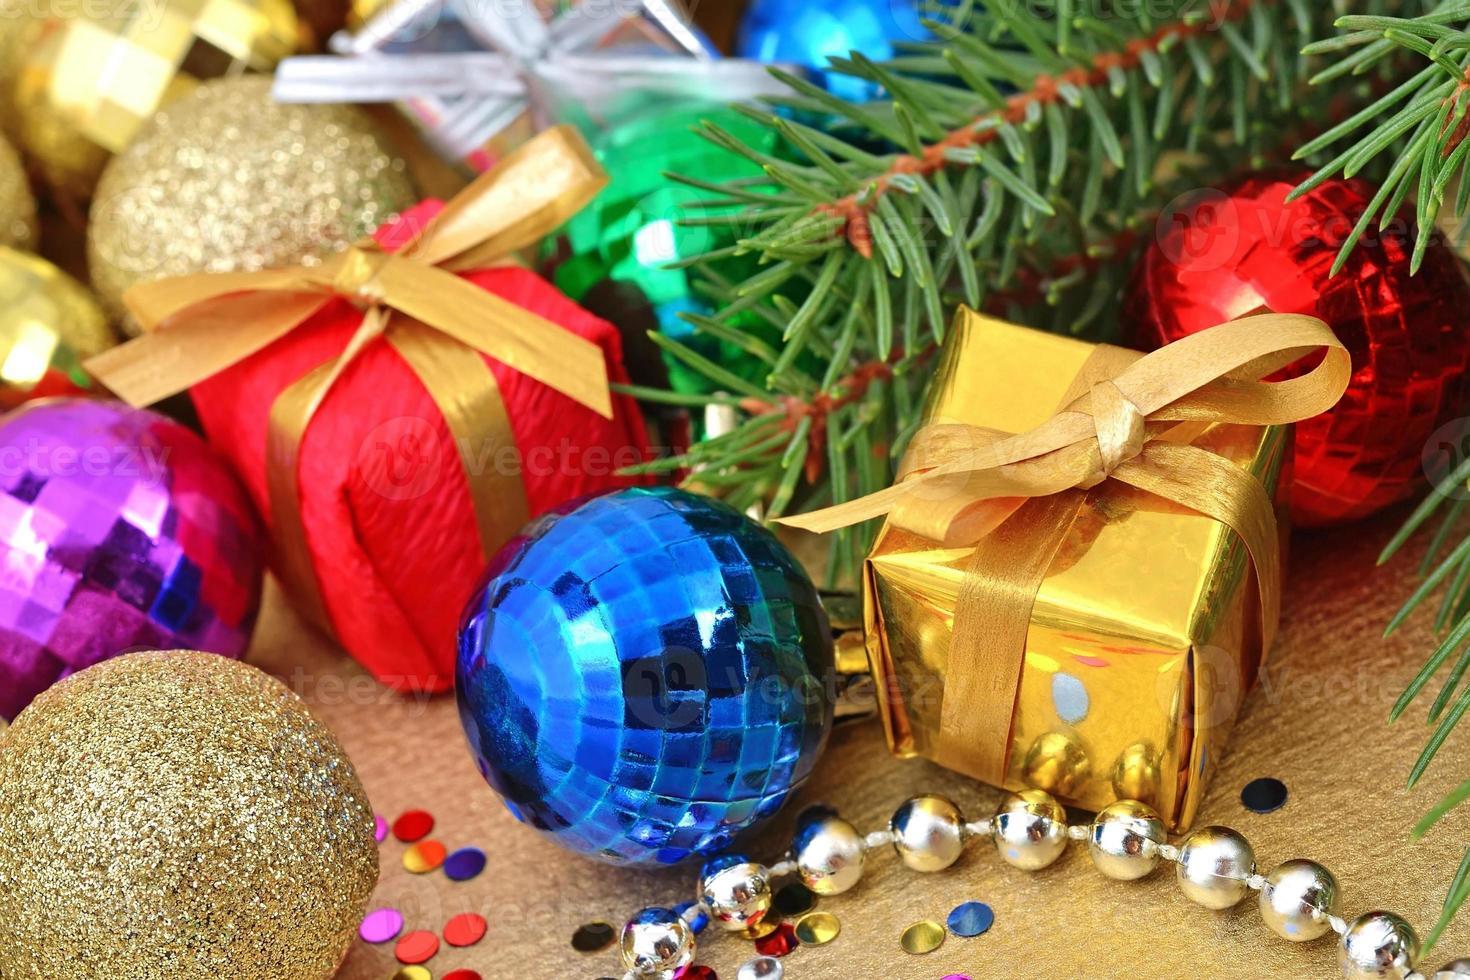 adornos navideños multicolores foto